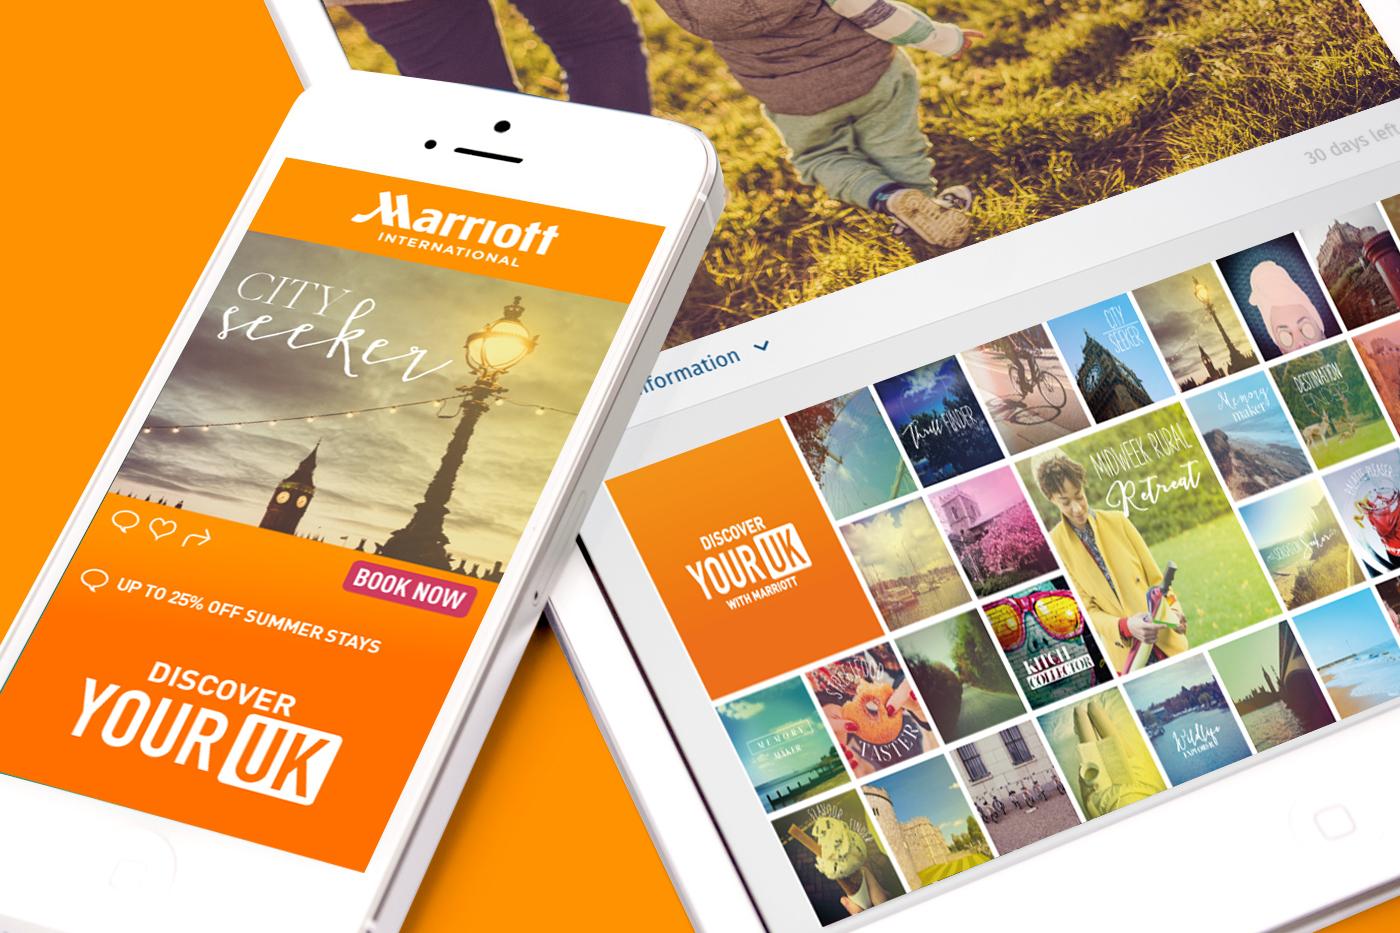 Cactus Design Weekend project branding ipad iphone digital designs graphics